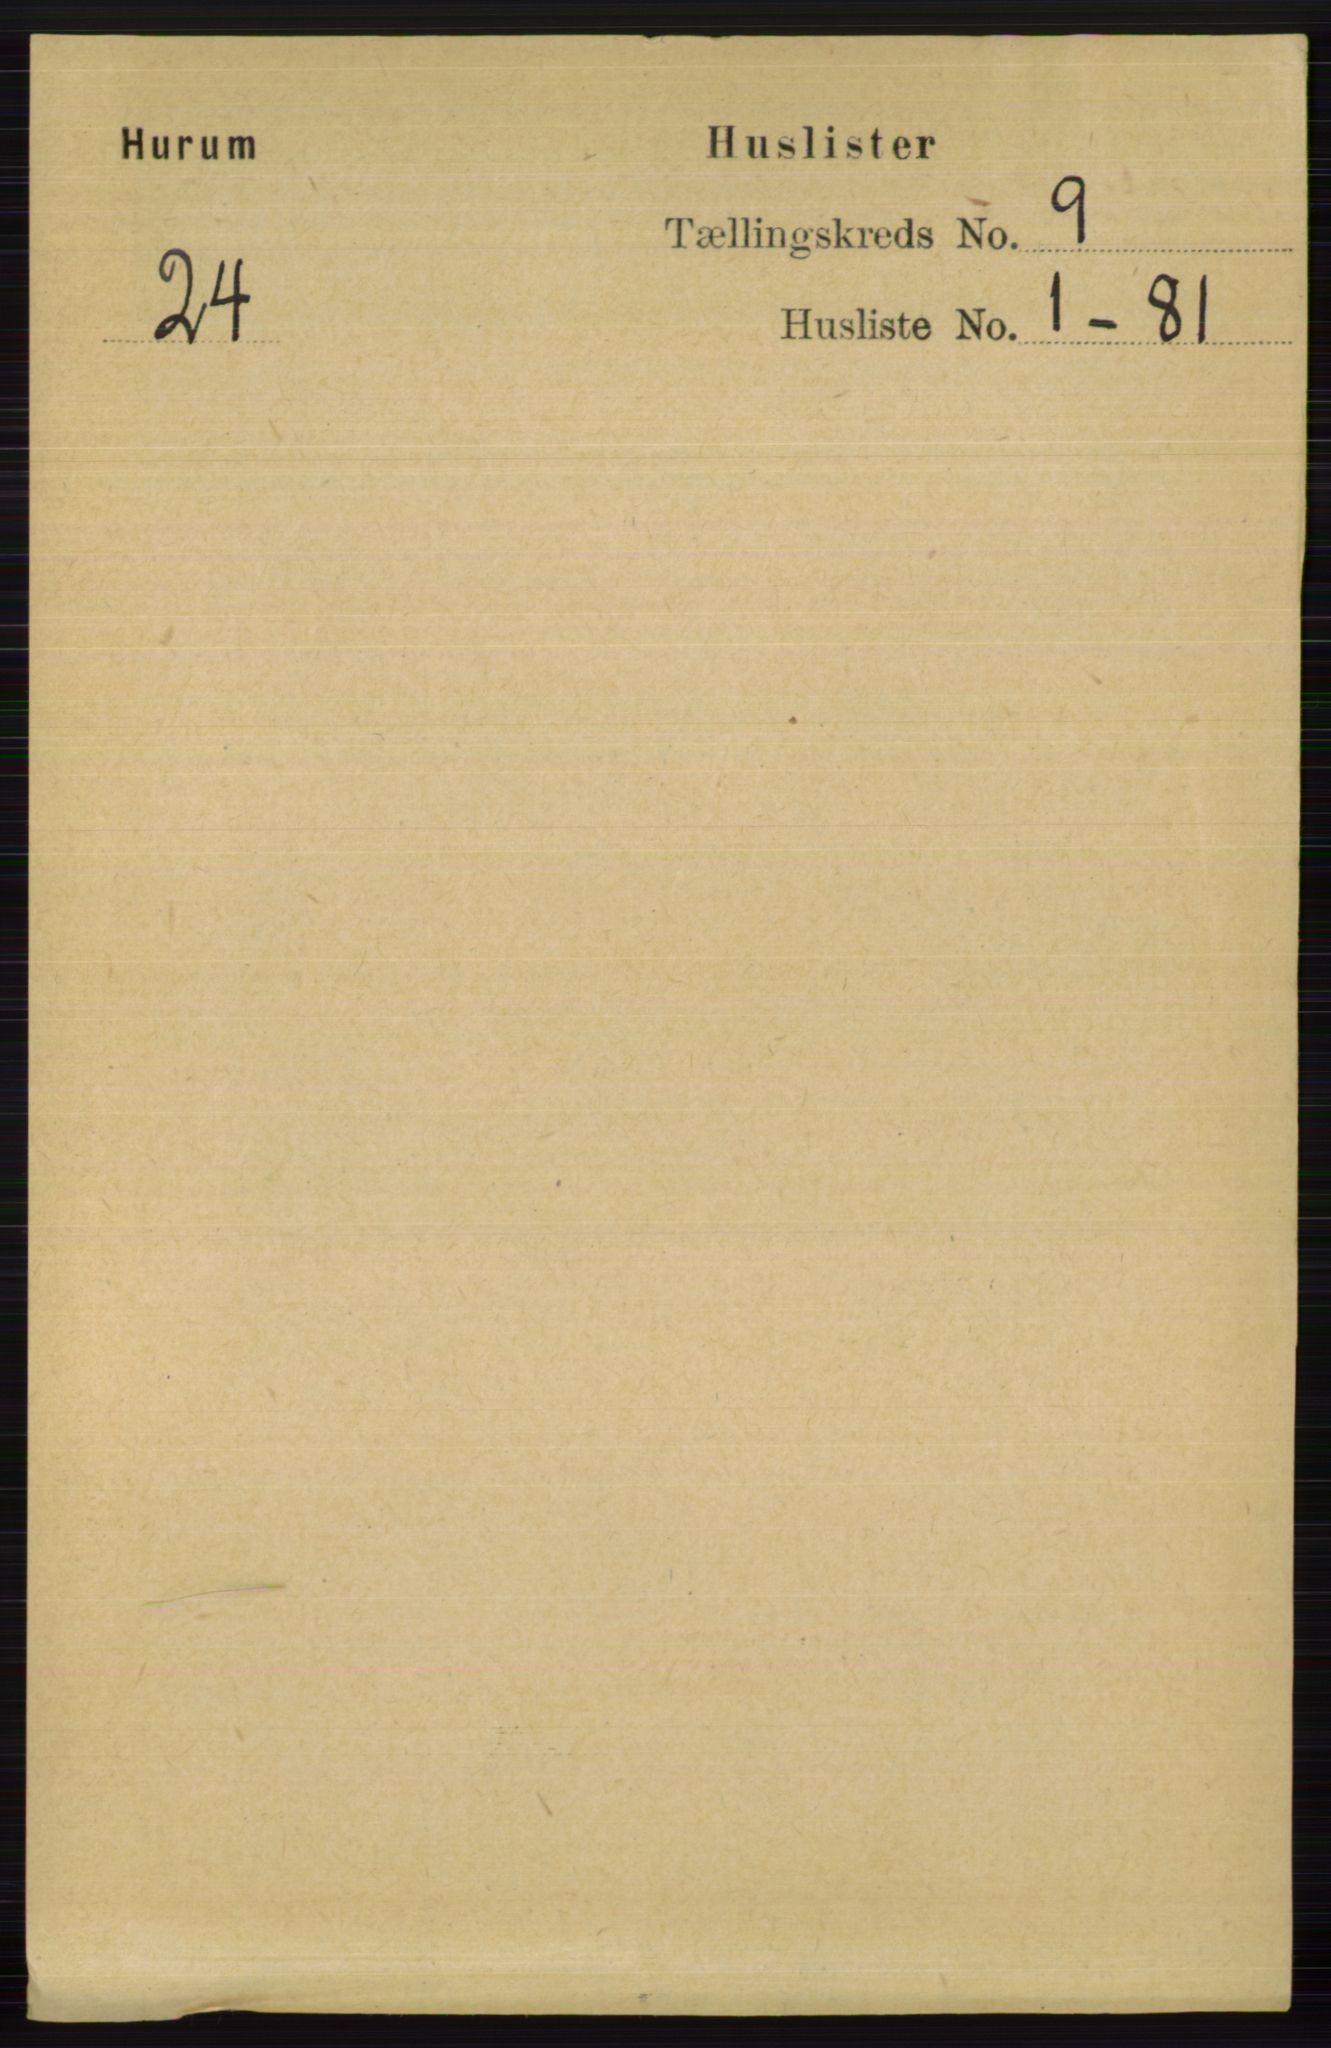 RA, Folketelling 1891 for 0628 Hurum herred, 1891, s. 2727